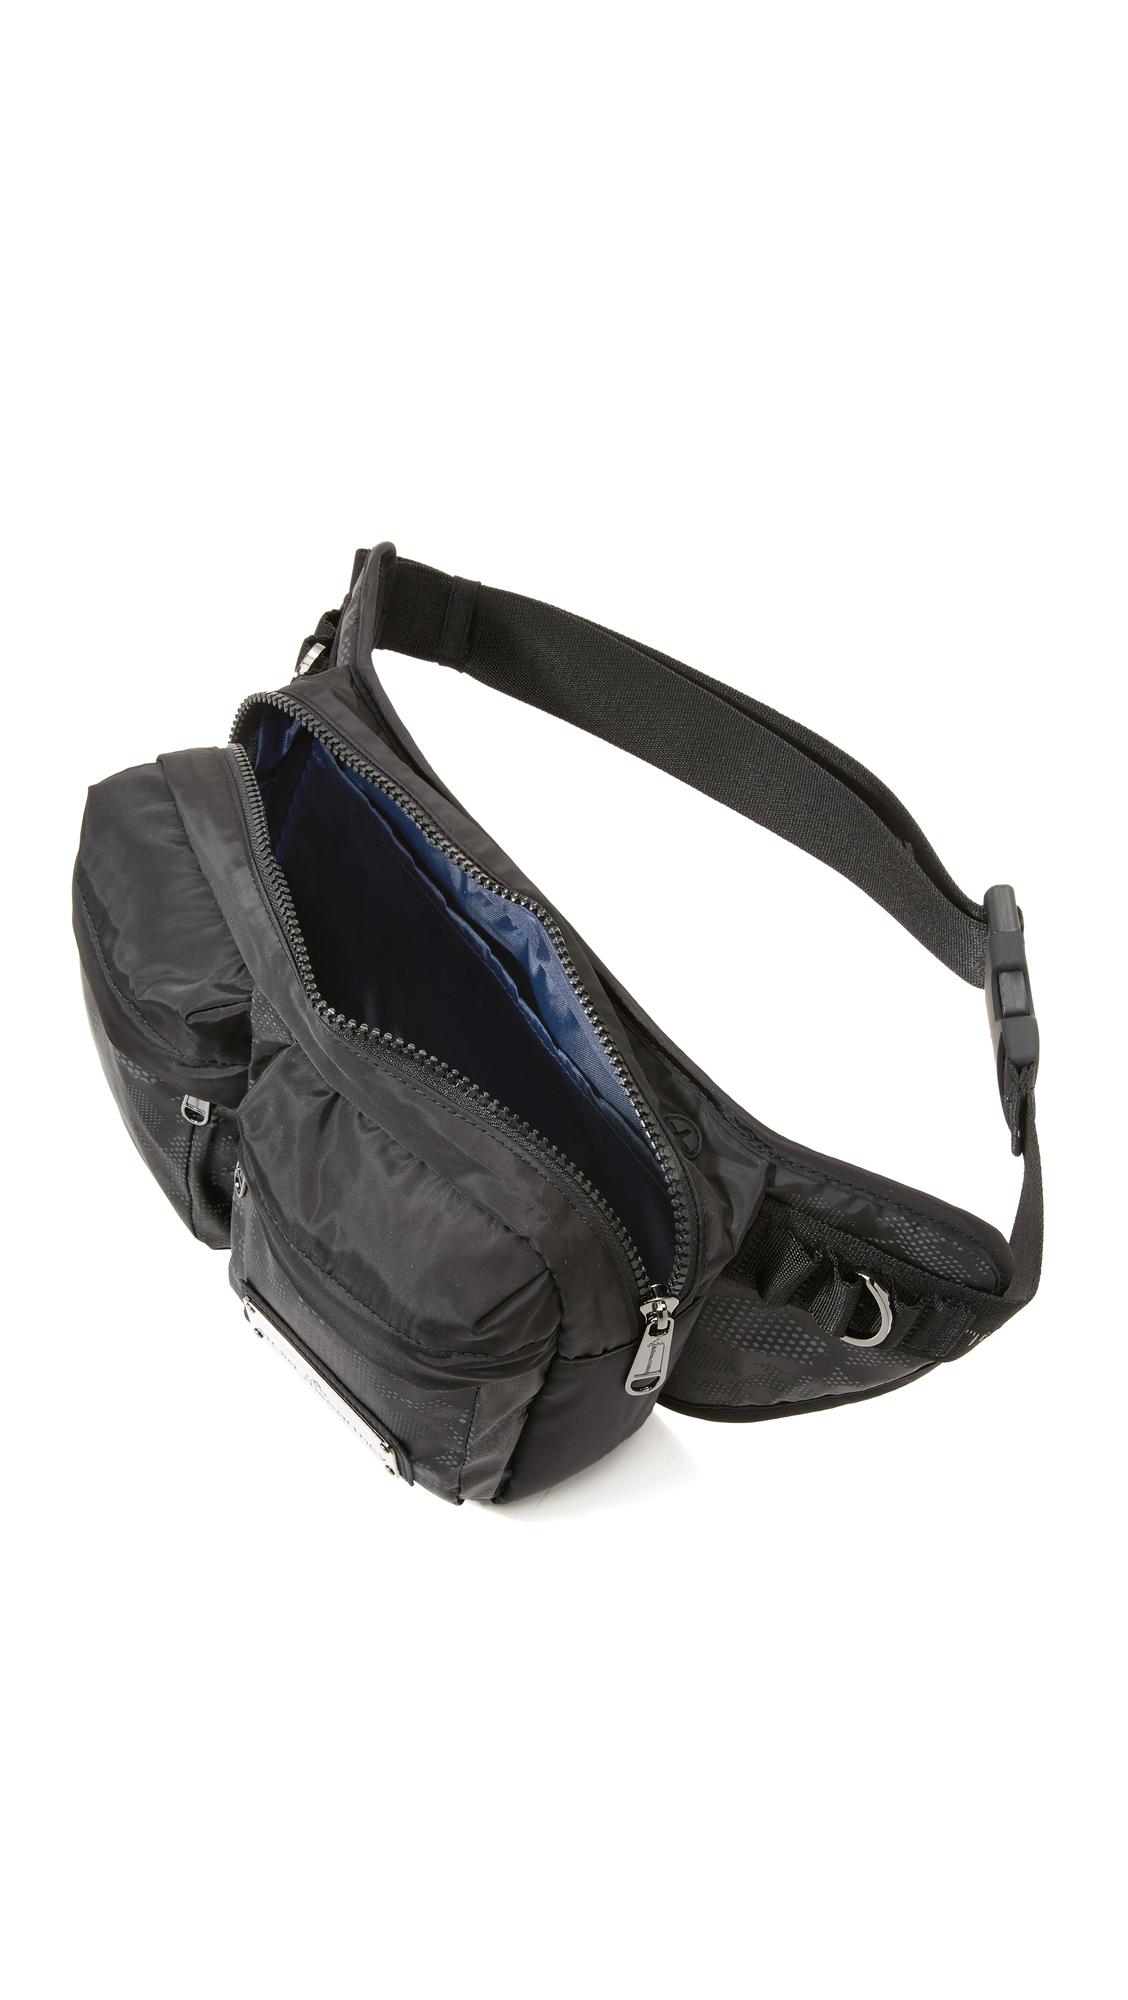 7786db5a87e0 Lyst - adidas By Stella McCartney Bum Bag in Black